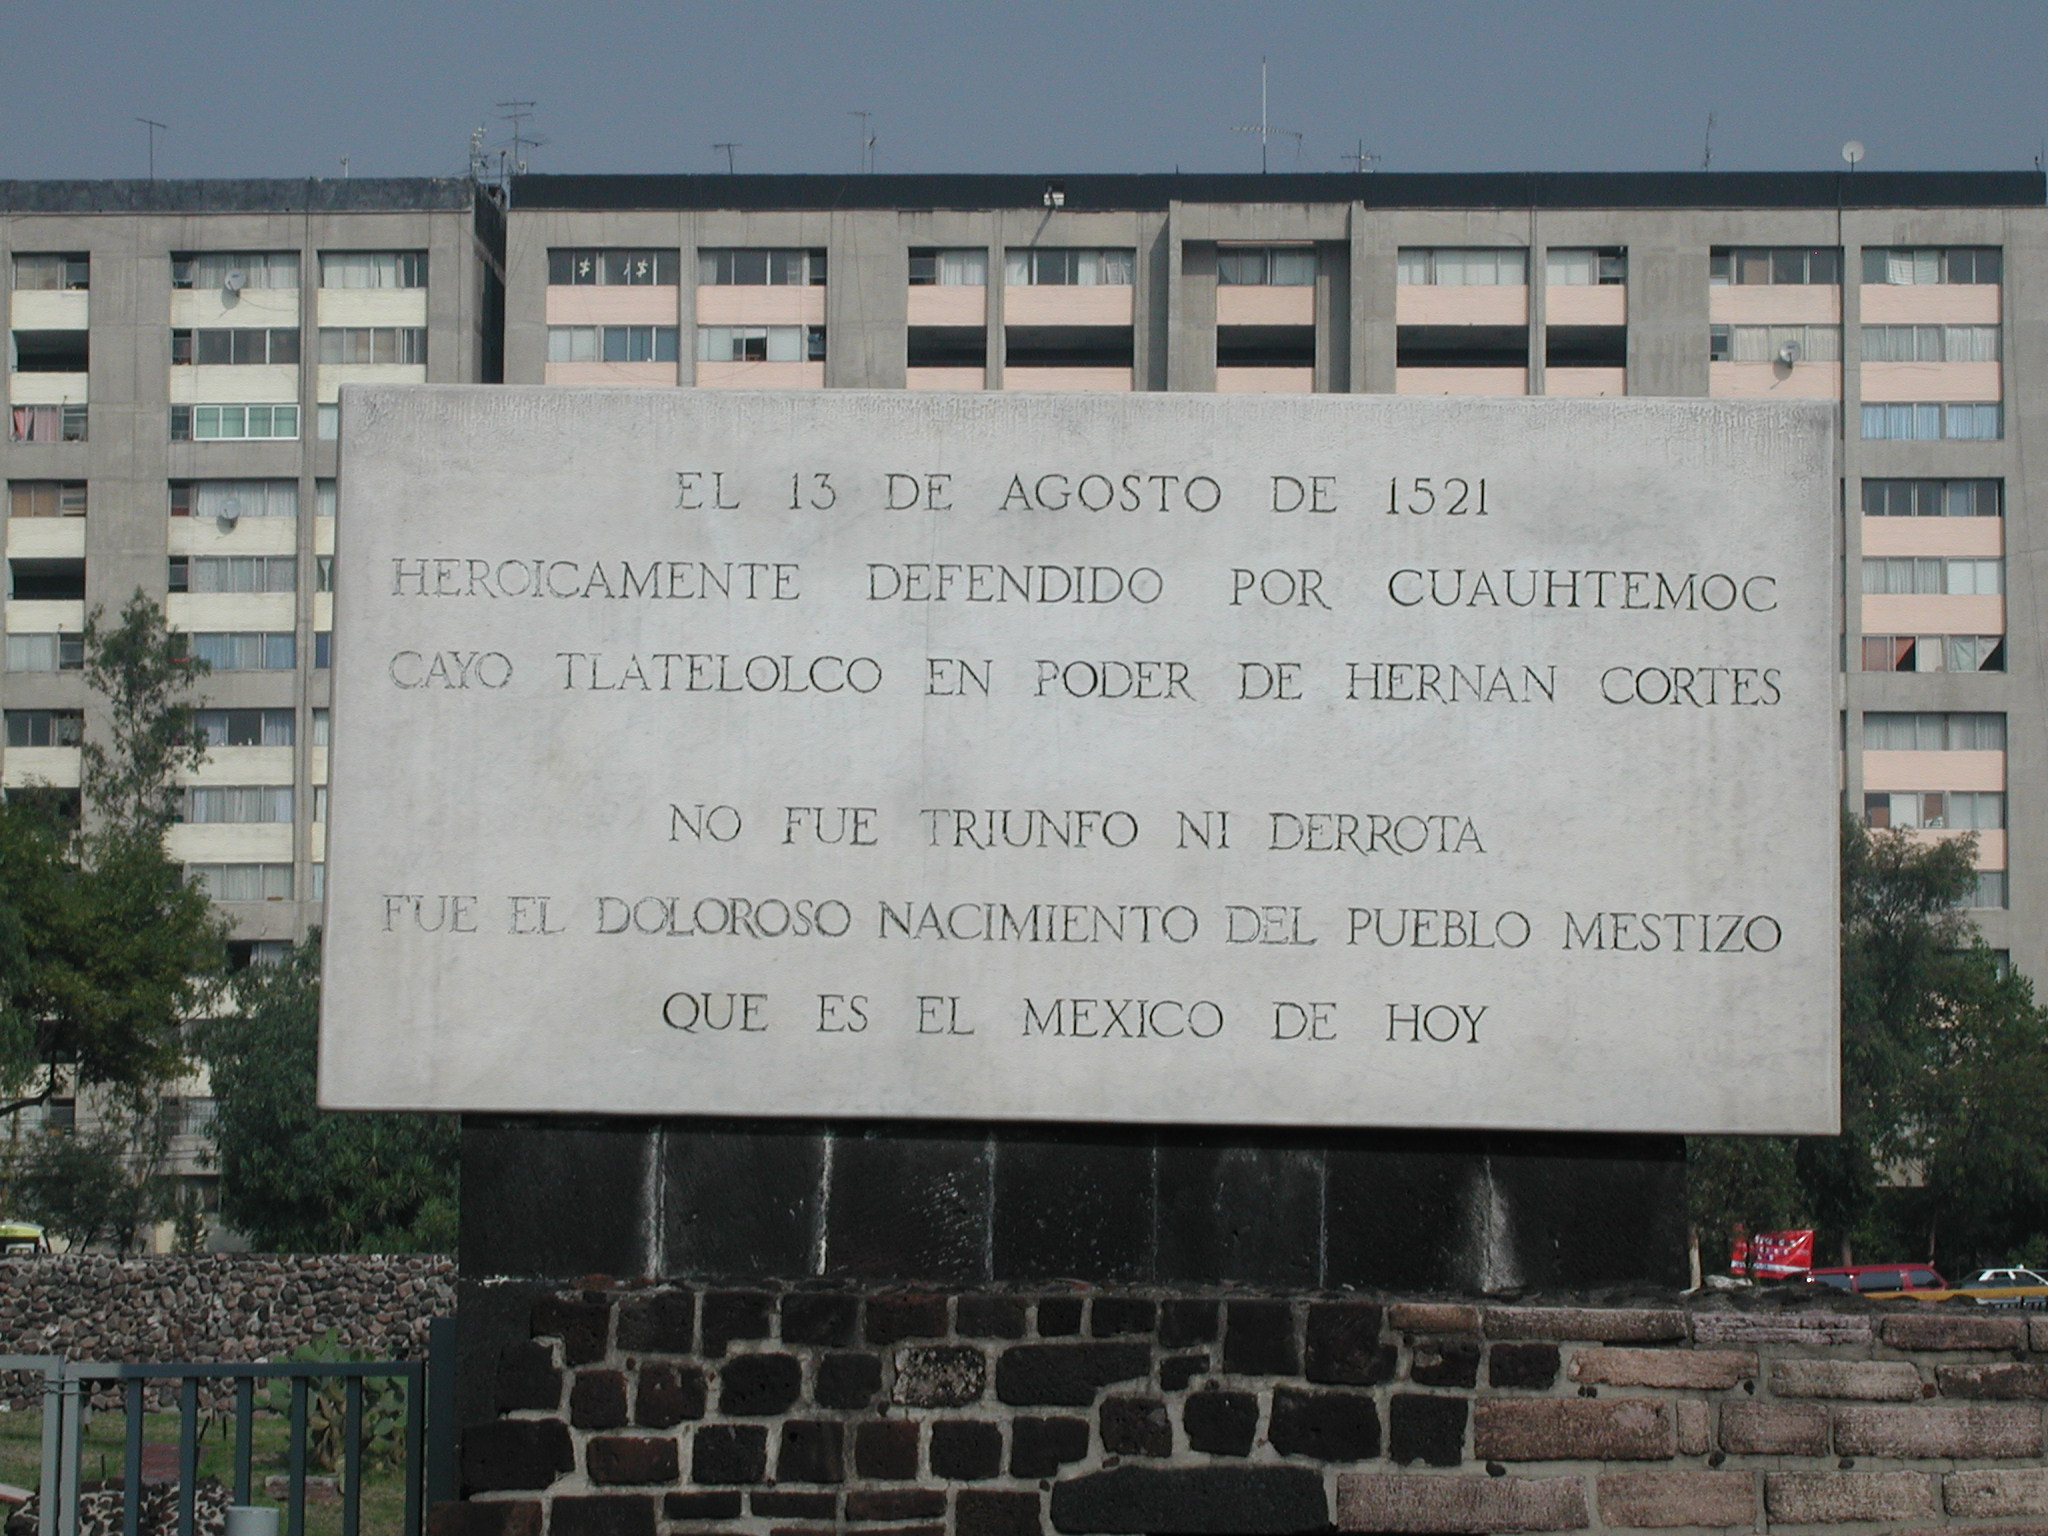 Declaración de origen, Plaza de las tres culturas, Tlatelolco